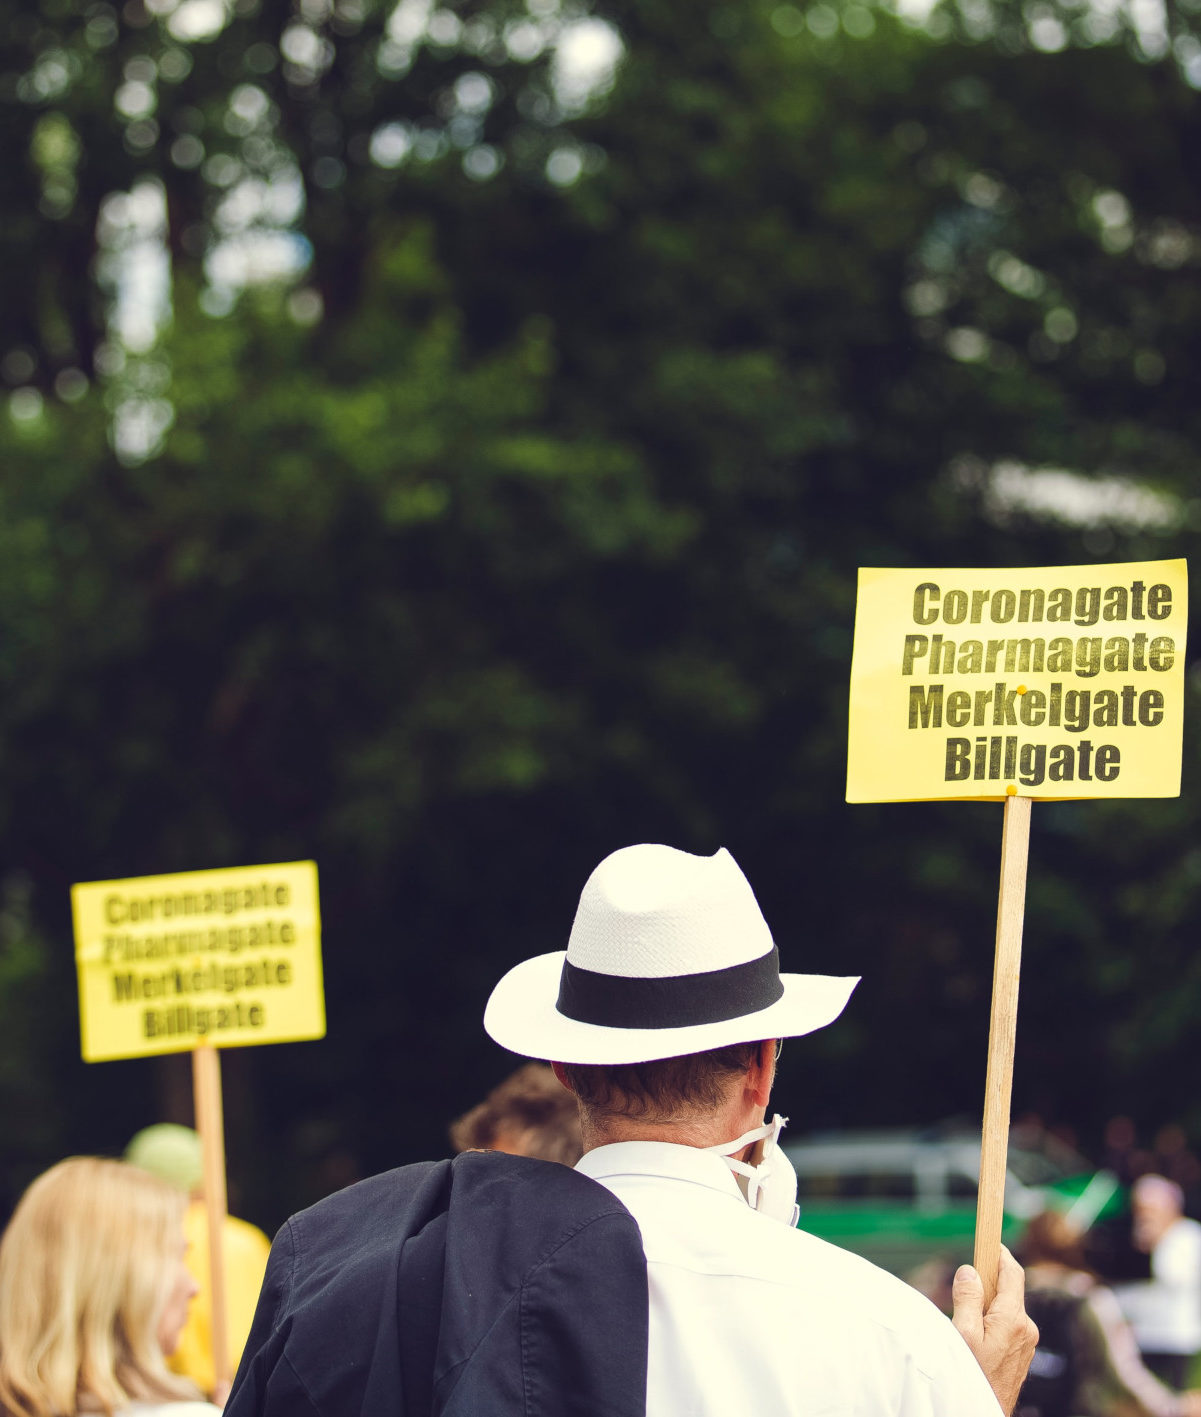 Verschwörungstheoretiker:innen auf dem Vormarsch, Foto: Markus Spiske / unsplash.com